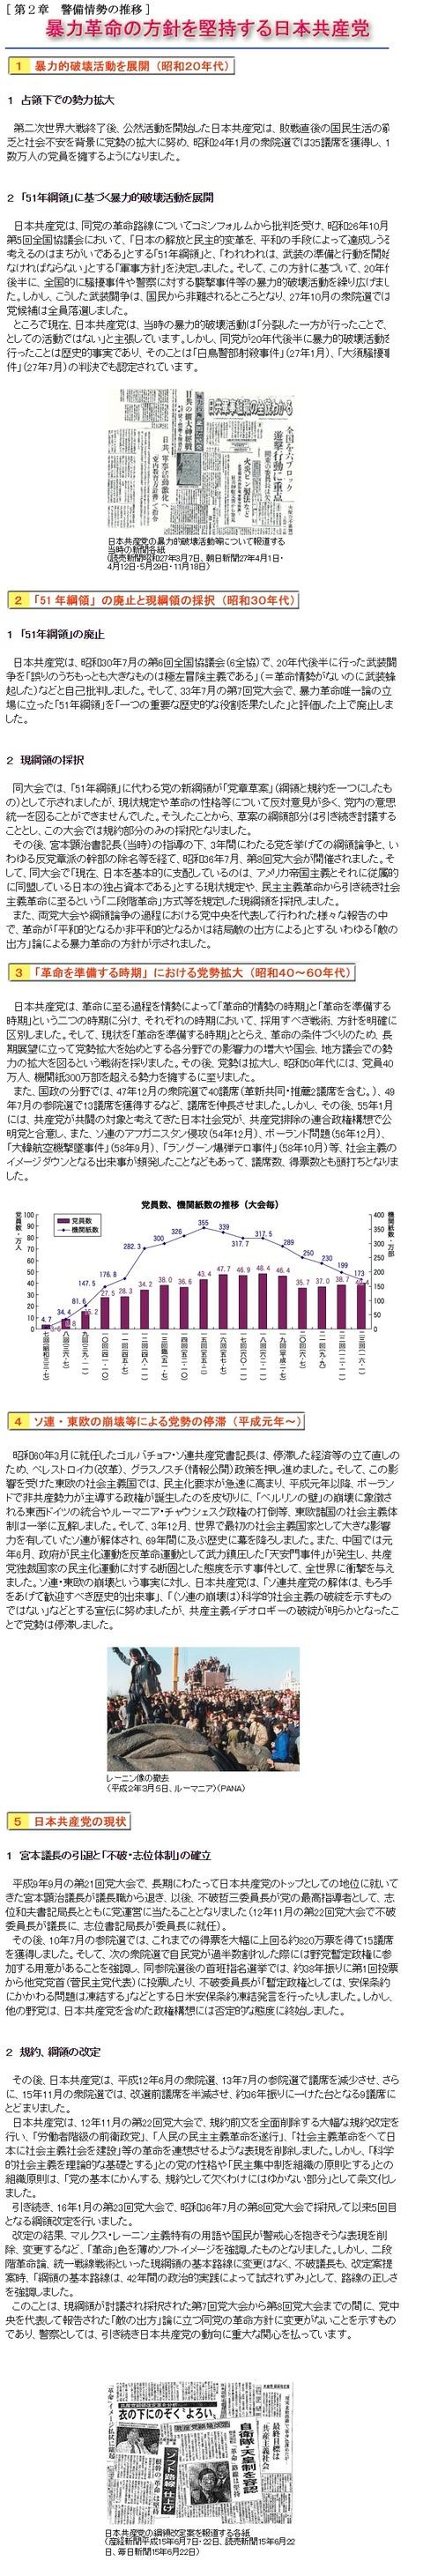 暴力革命日本共産党